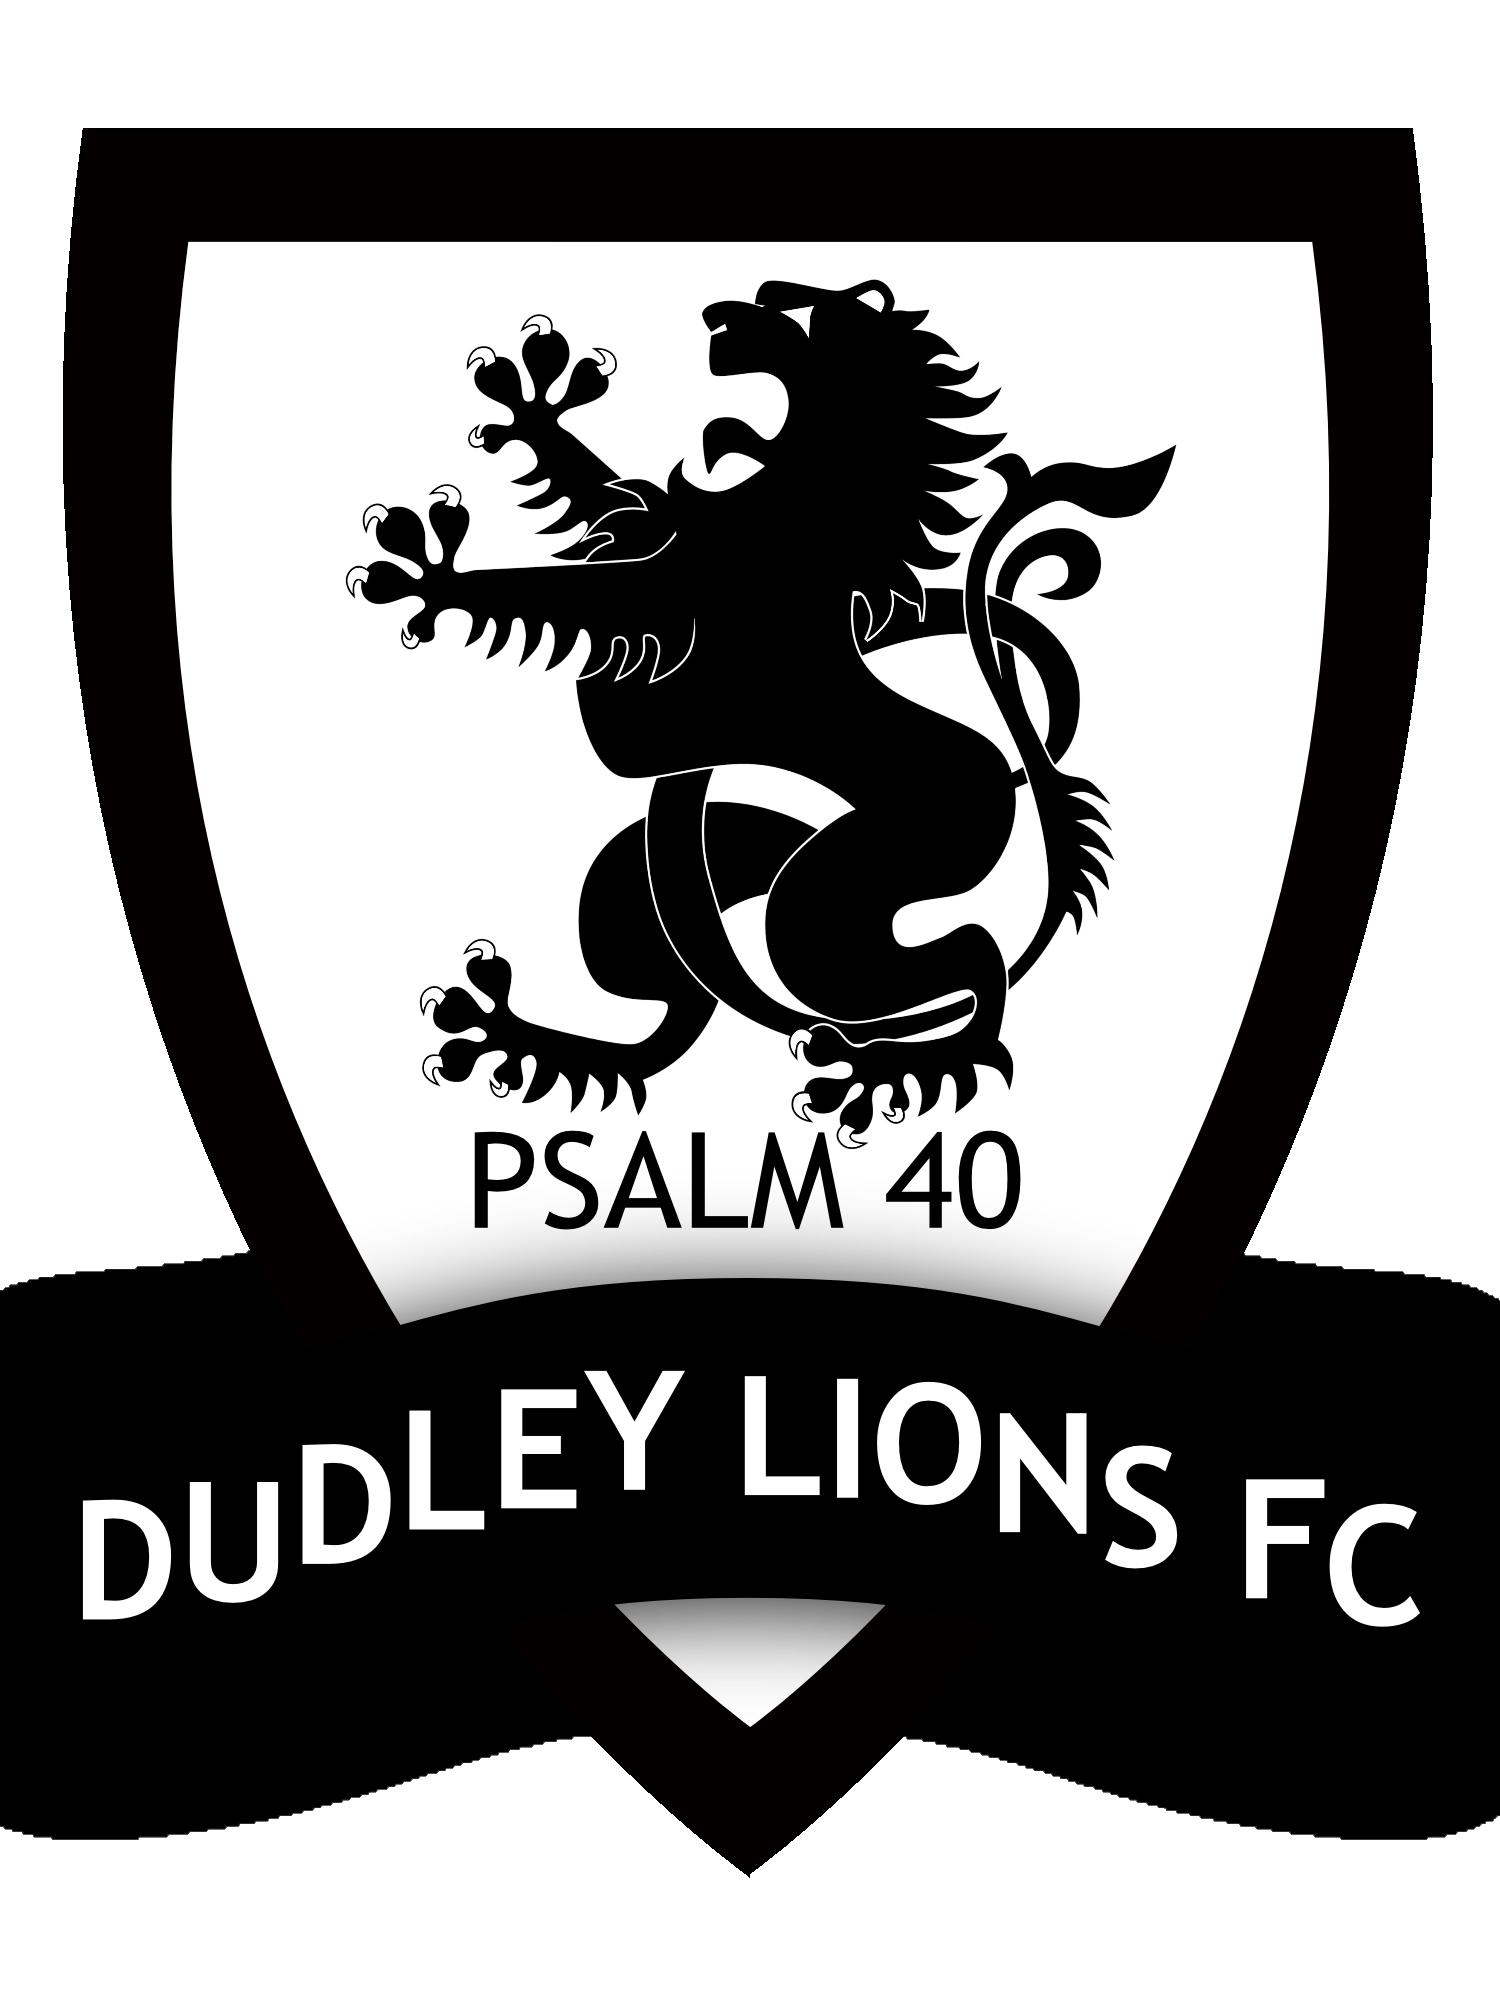 Dudley Lions FC